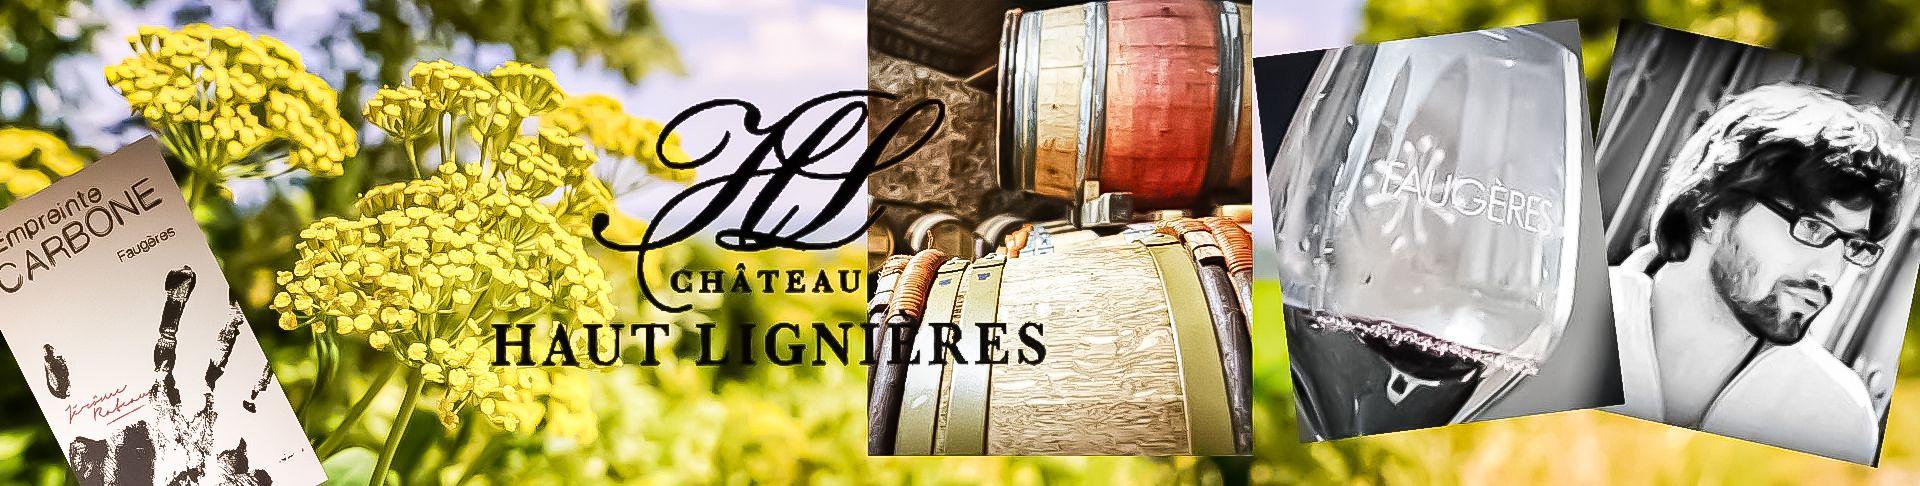 Château Haut Lignieres-Achetez vos vins en ligne